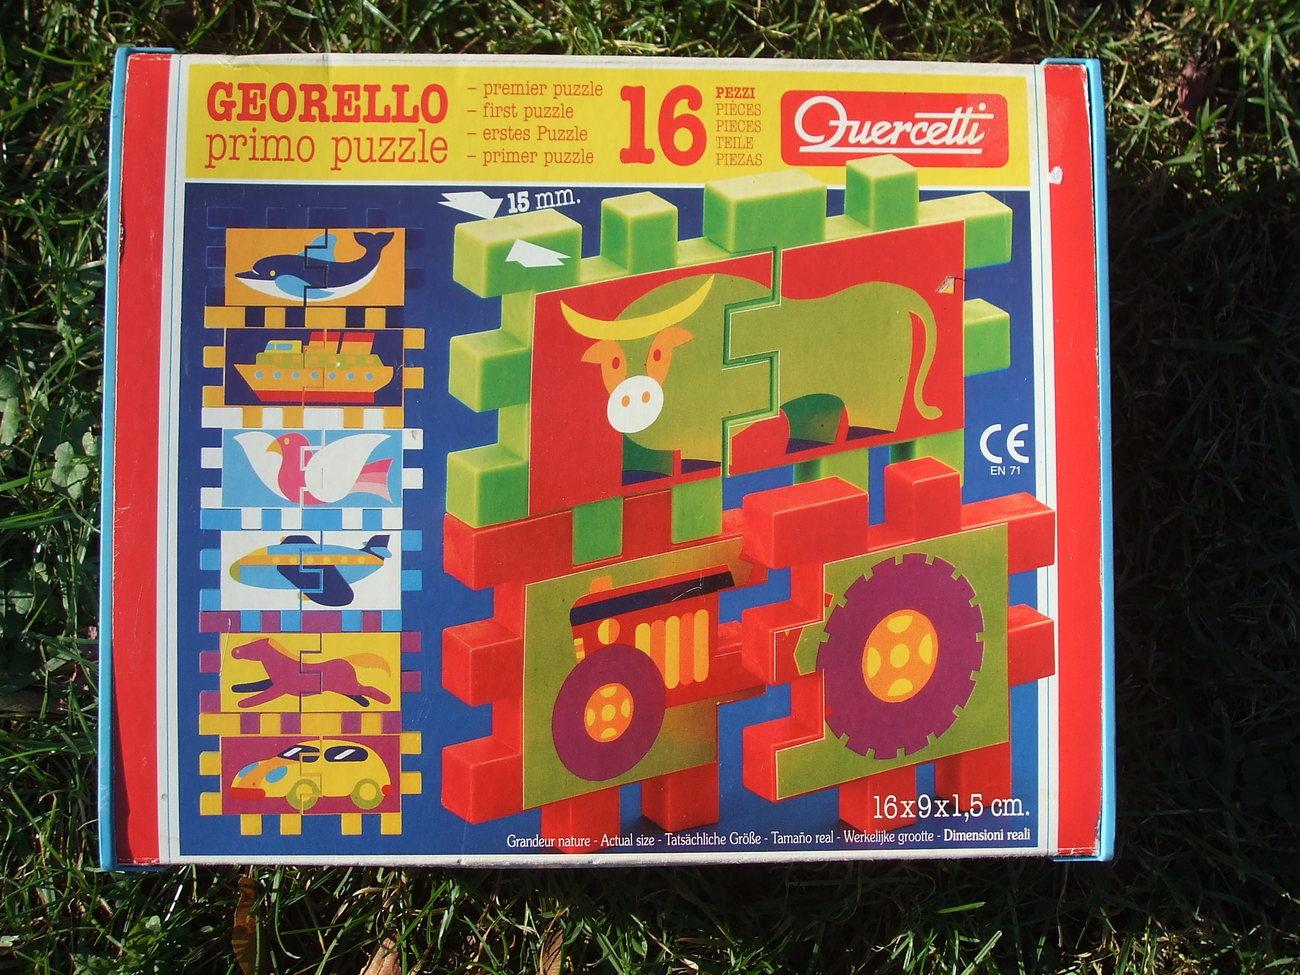 Puzzle Child's